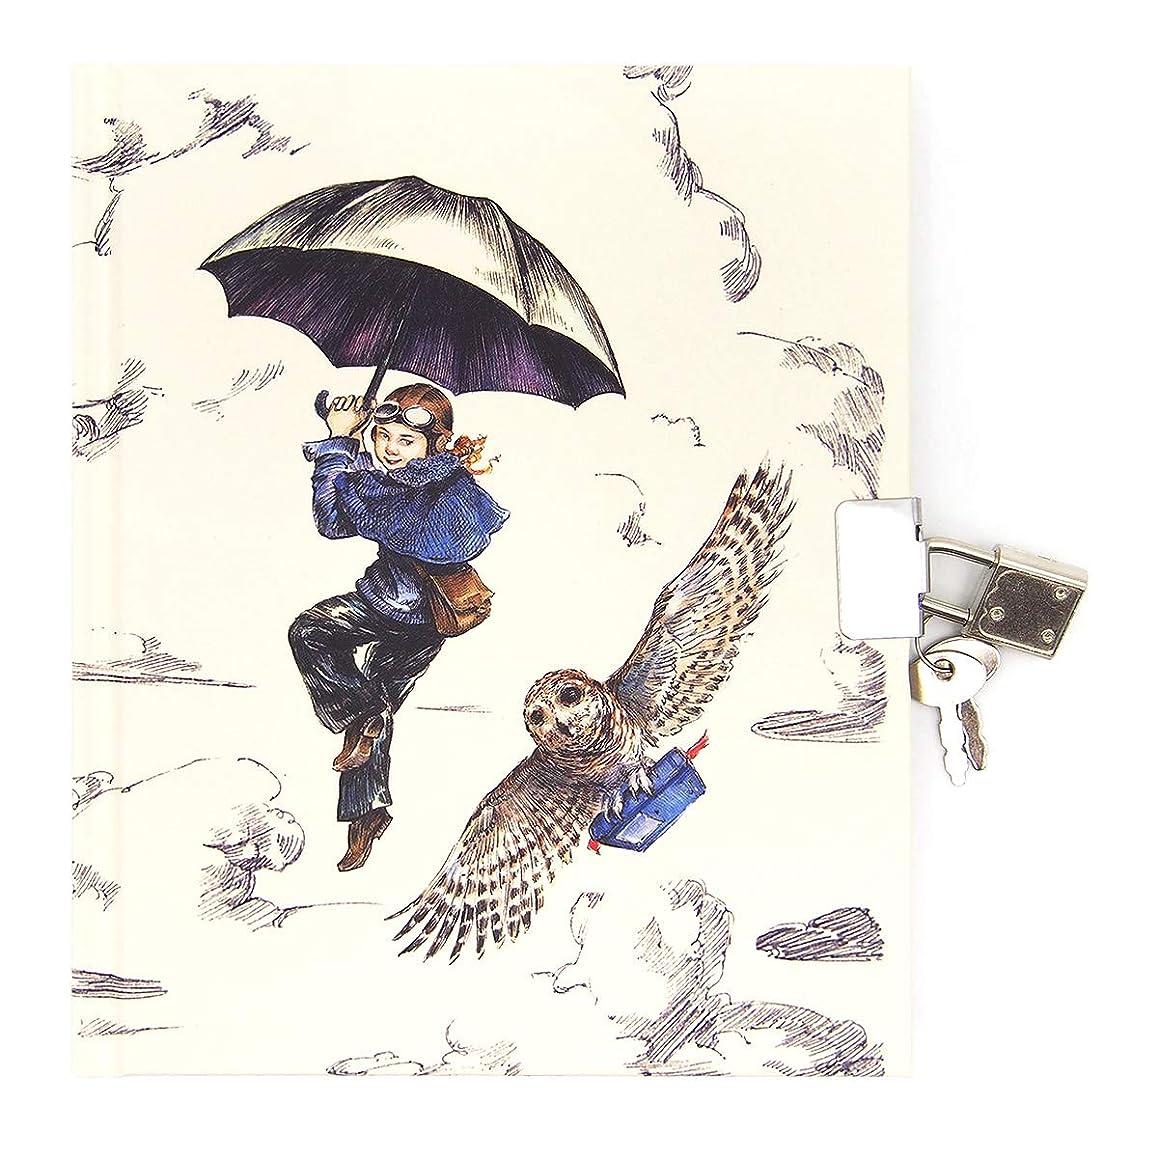 ロジャーラボード ハードカバー ジャーナルノート 鍵付き (フクロウ×傘×少女) ASD015